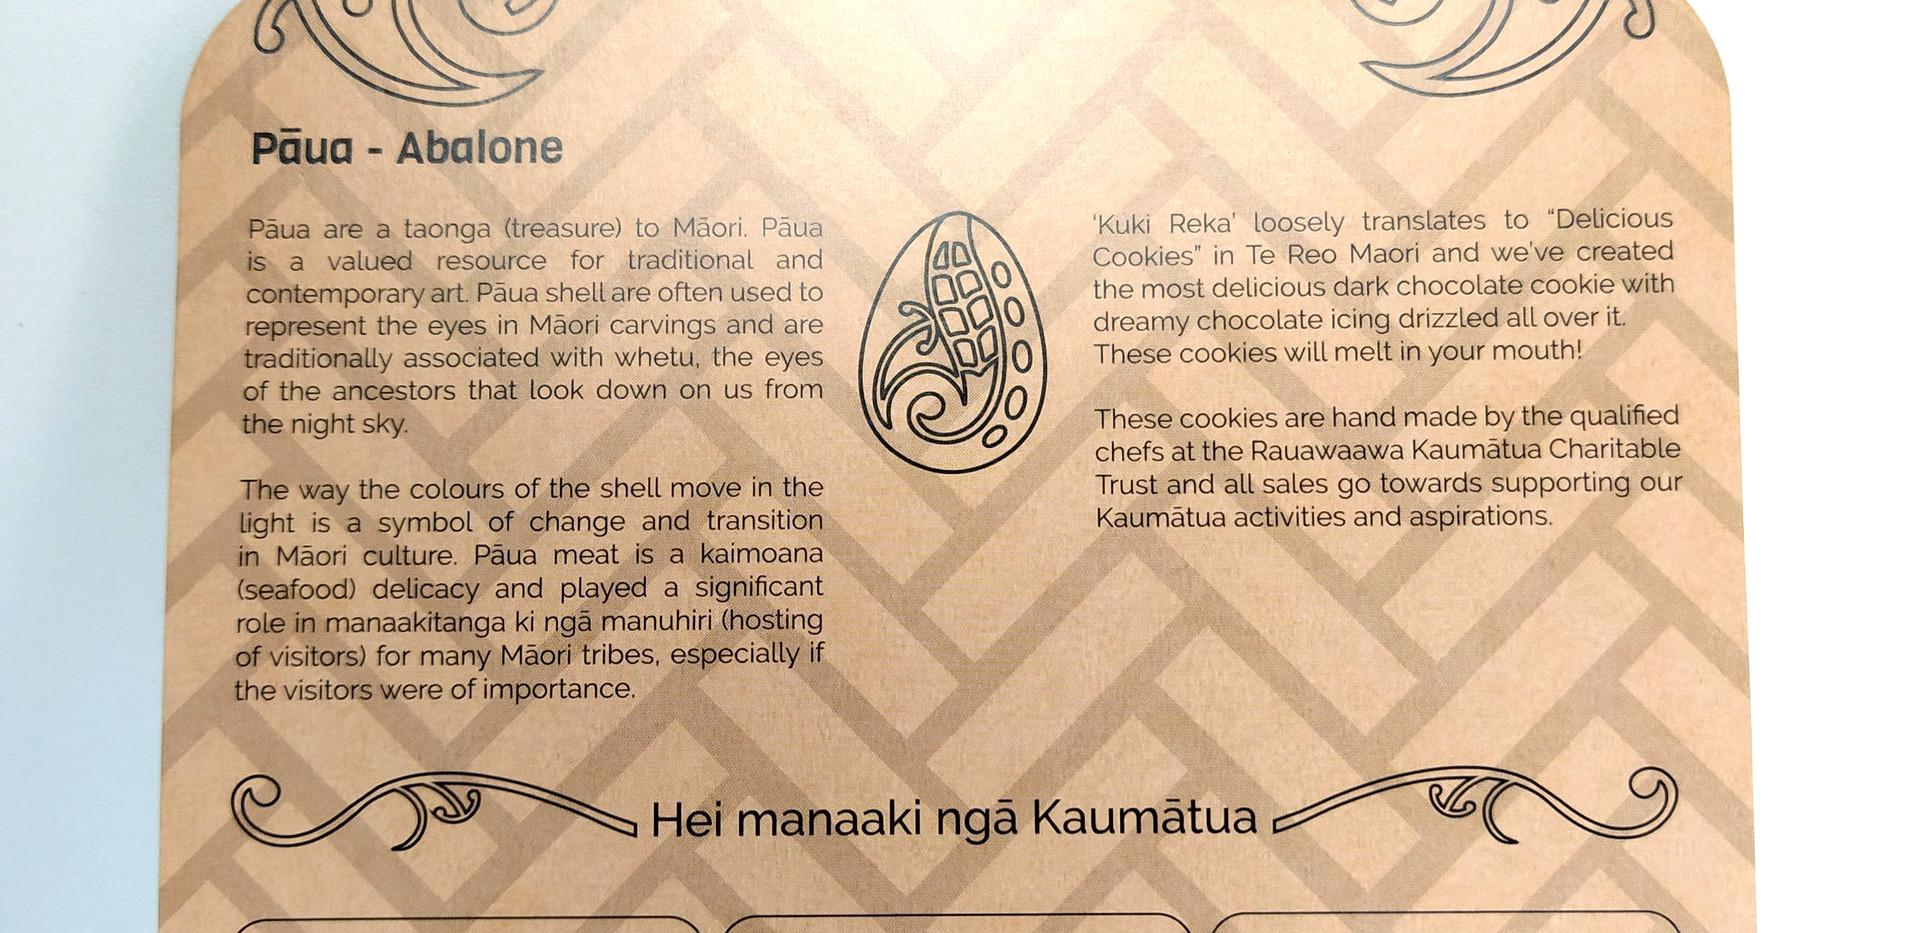 Paua Cookie Packaging